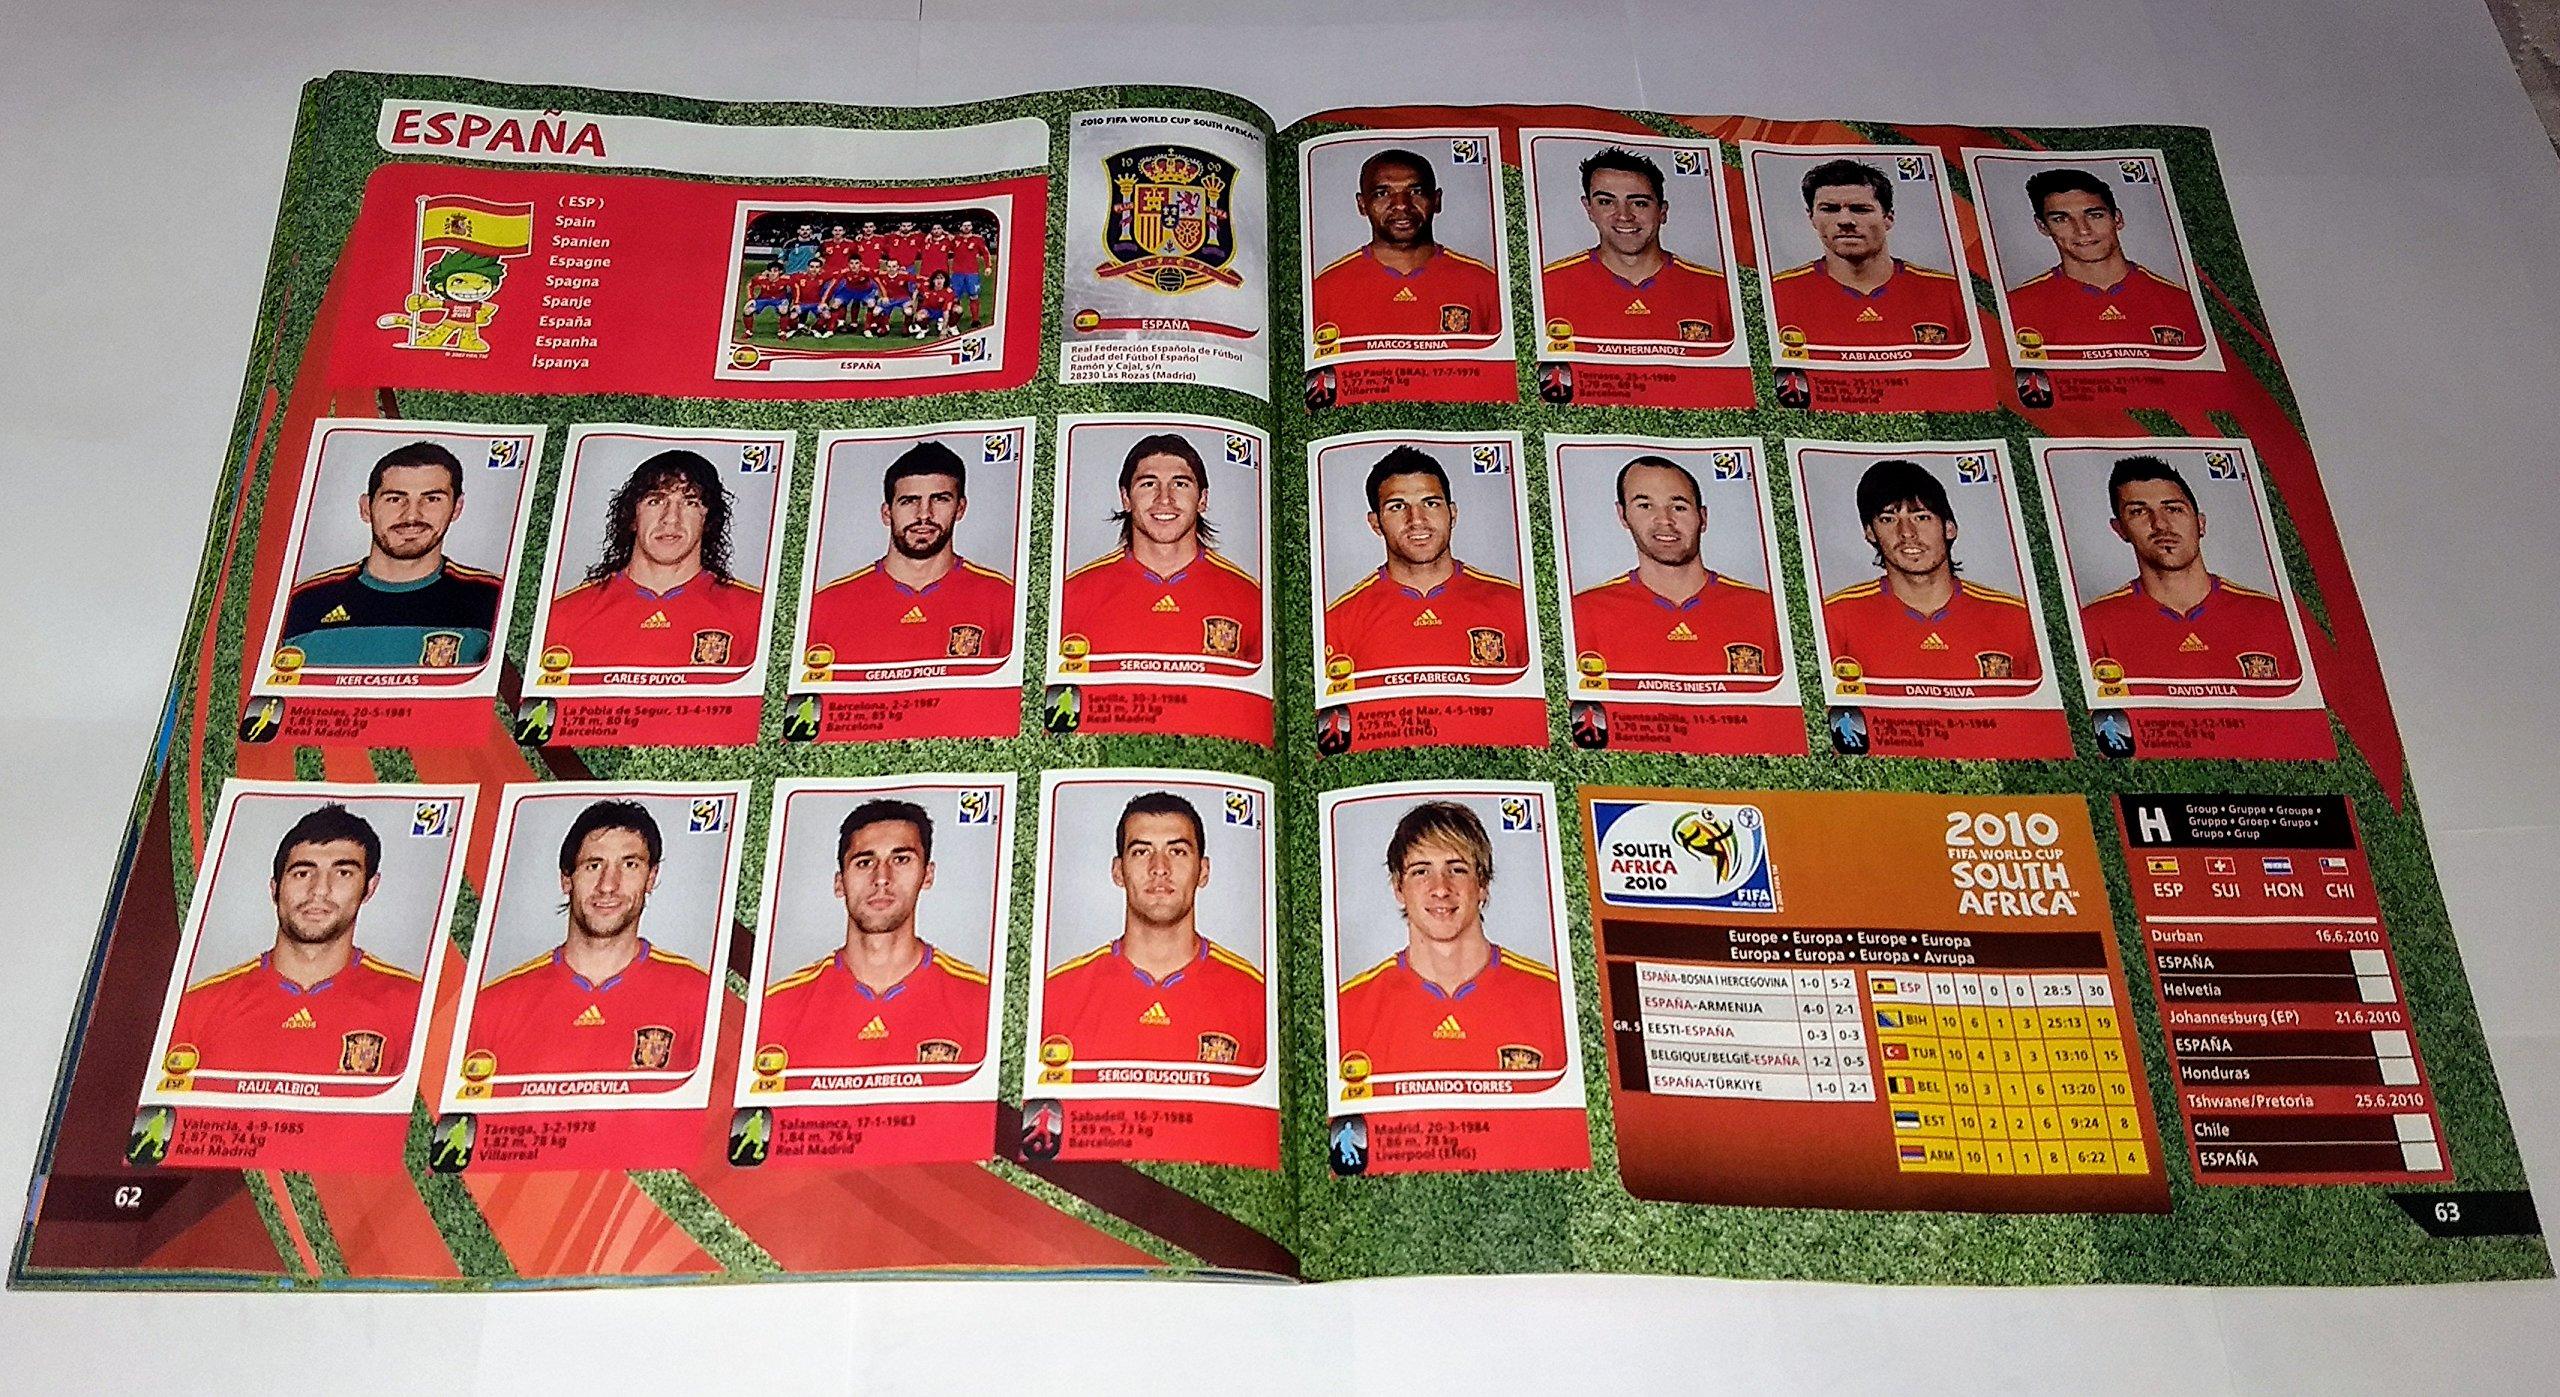 PANINI Copa del mundo Sudafrica 2010 Album Imagenes Impresas FIFA Mundial: Amazon.es: Panini: Libros